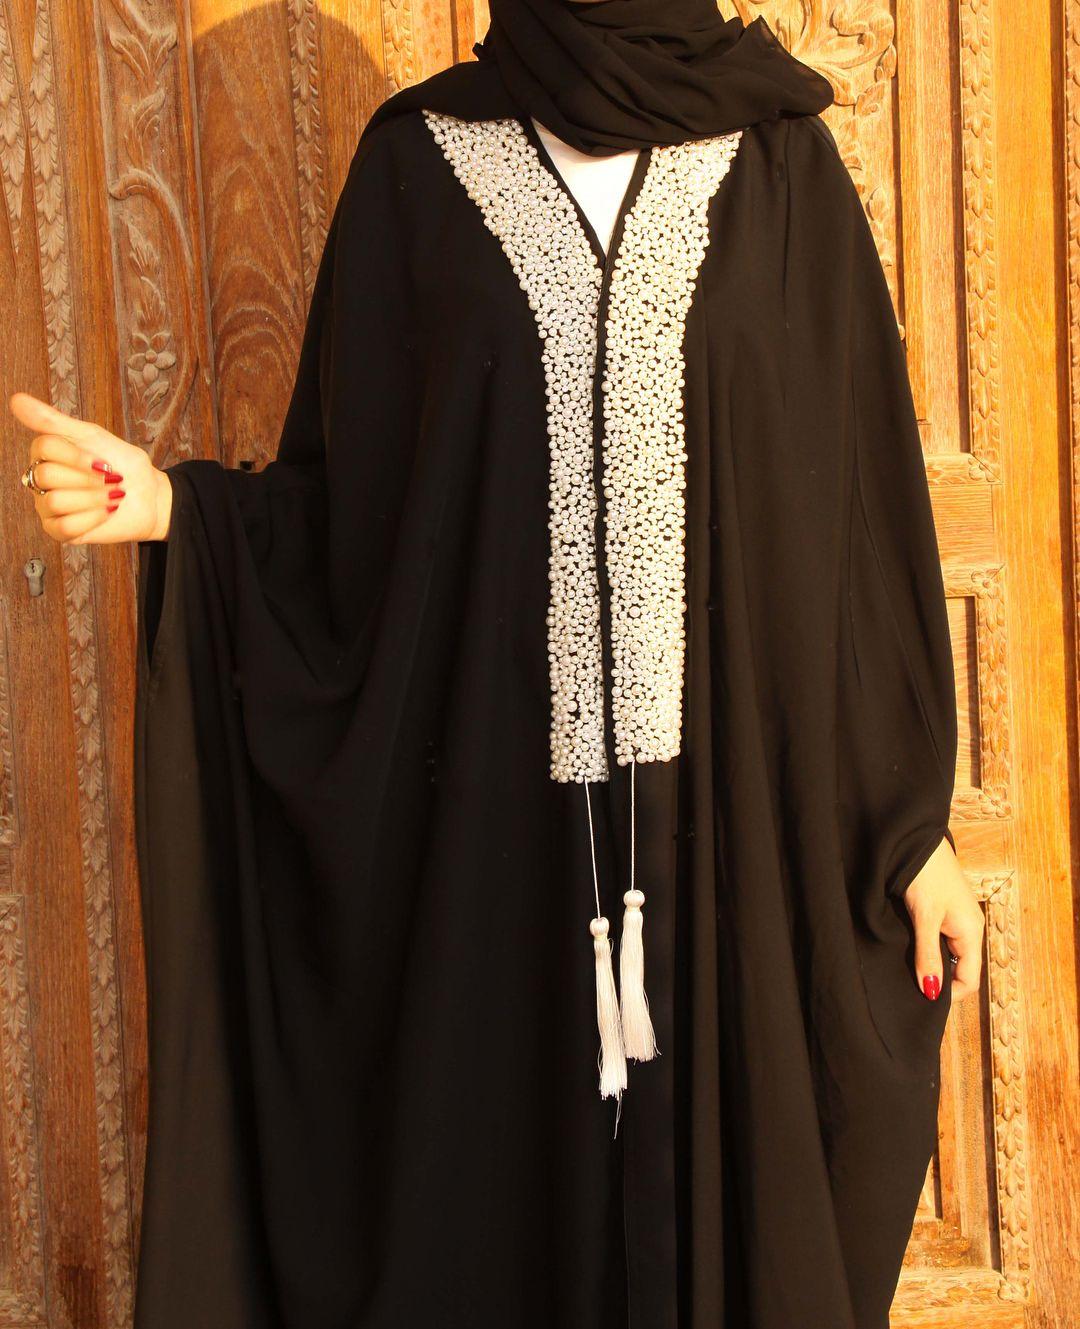 من الكولكشن الجديد عباية كريب أسود متطرزه بحبات اللولو عبايات عباية عبايه Abya Hejabstyle Fashion Couture Dresses